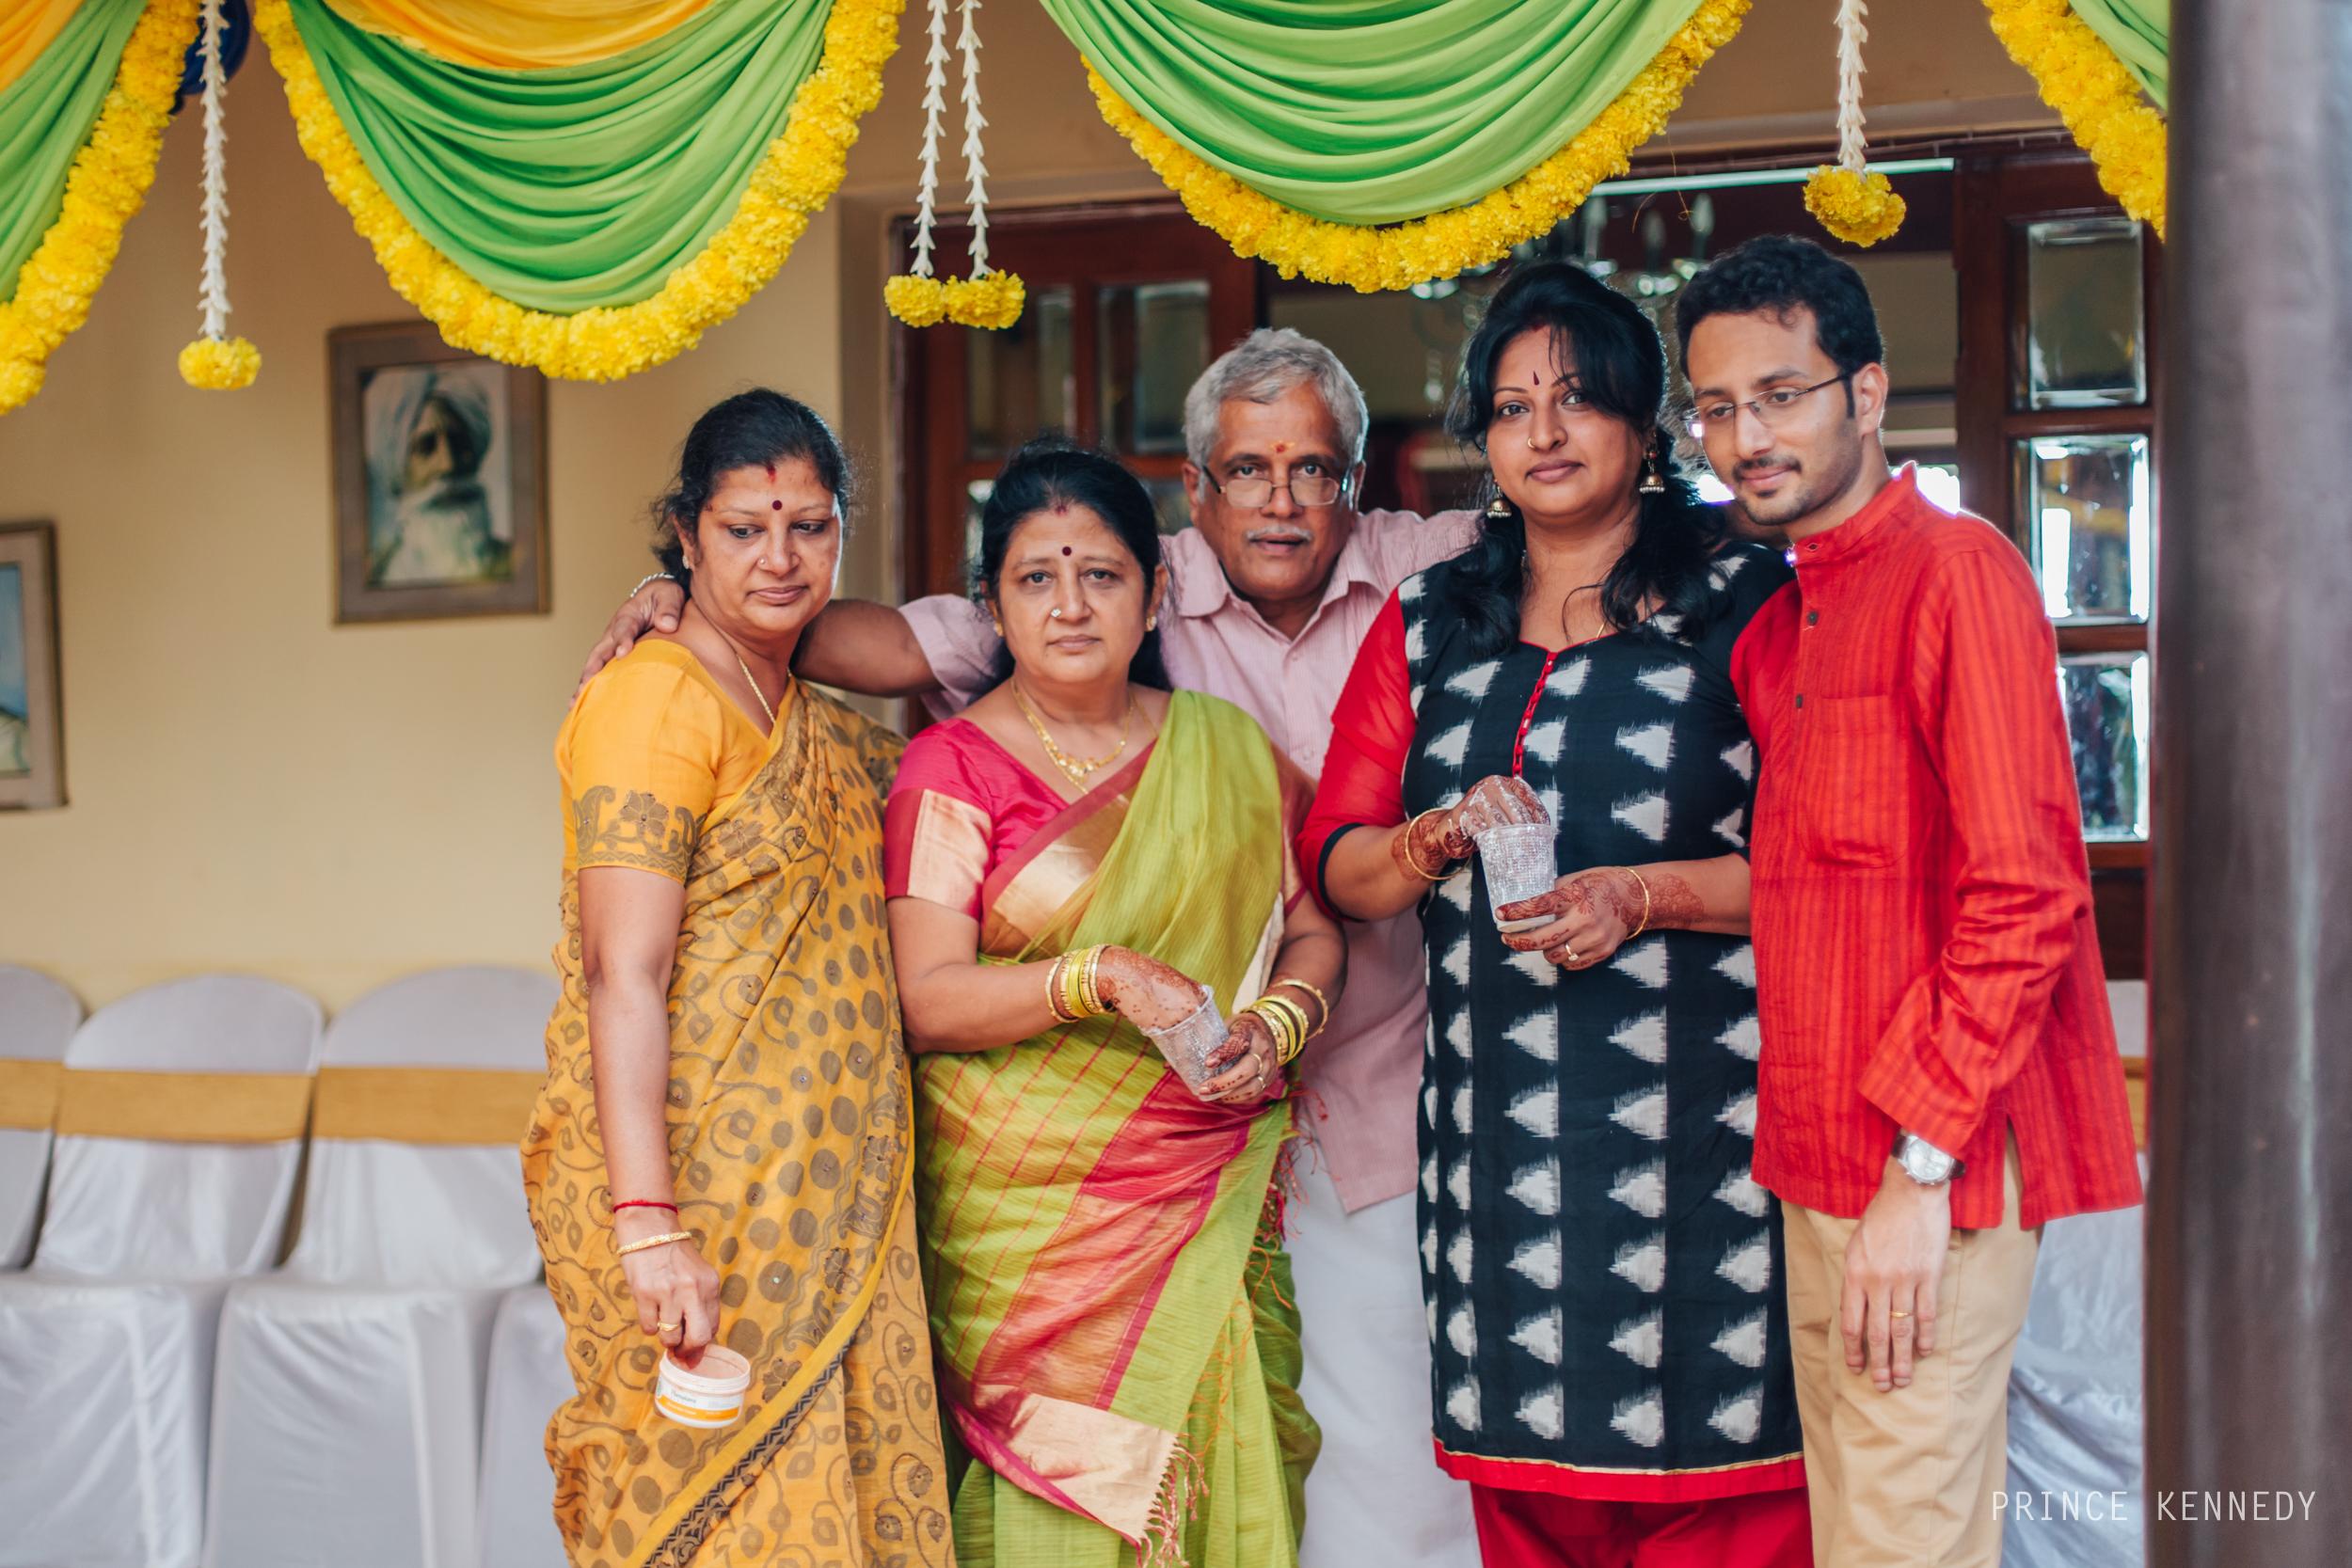 Engagement-Couple-Portrait-Portraiture-Wedding-Couple-Portrait-Chennai-Photographer-Candid-Photography-Destination-Best-Prince-Kennedy-Photography-59.jpg